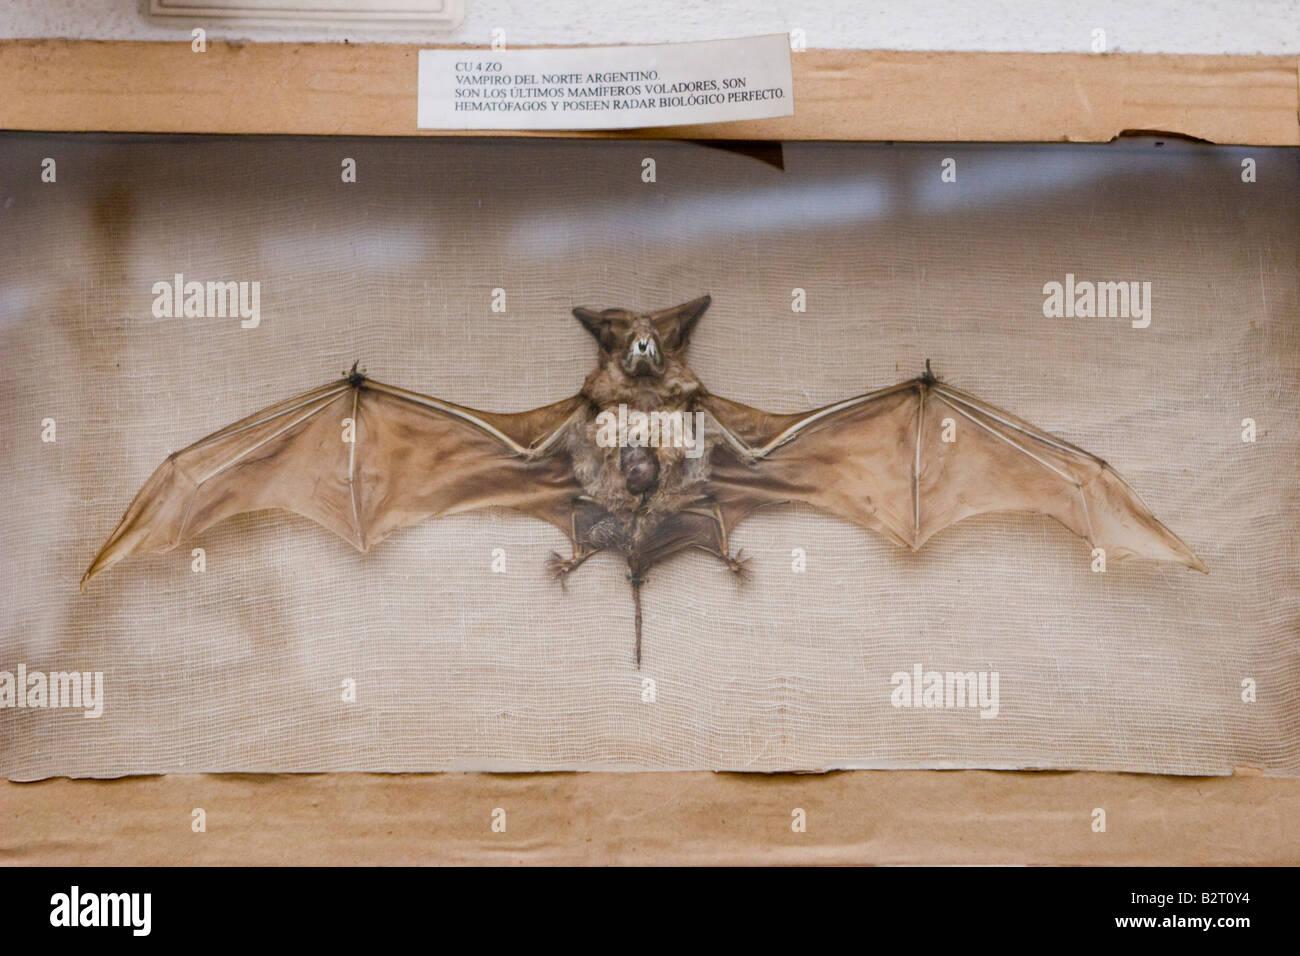 Vampire argentine bat hématophages exposées au Musée Rocsen (Museo Polifacetico) dans Nono, Cordoba, Photo Stock